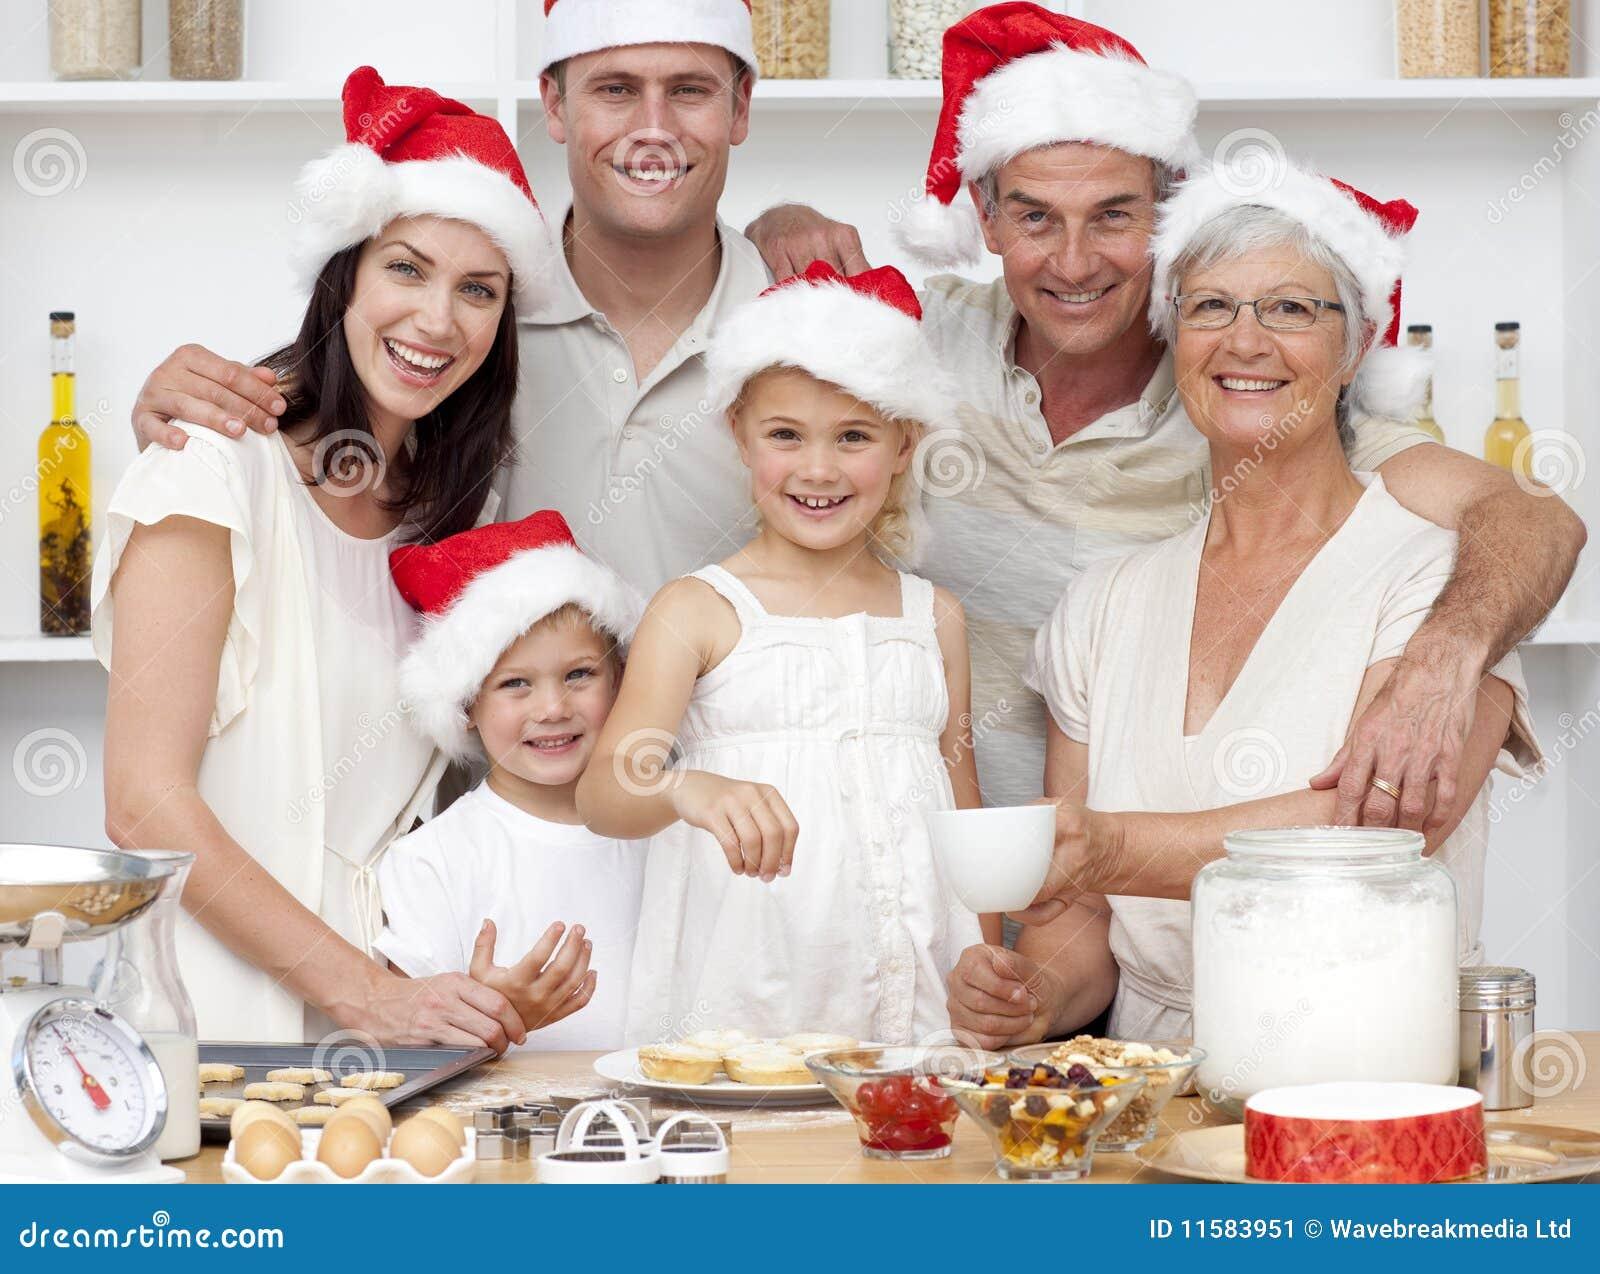 die kinder die weihnachten backen backt mit ihrer. Black Bedroom Furniture Sets. Home Design Ideas